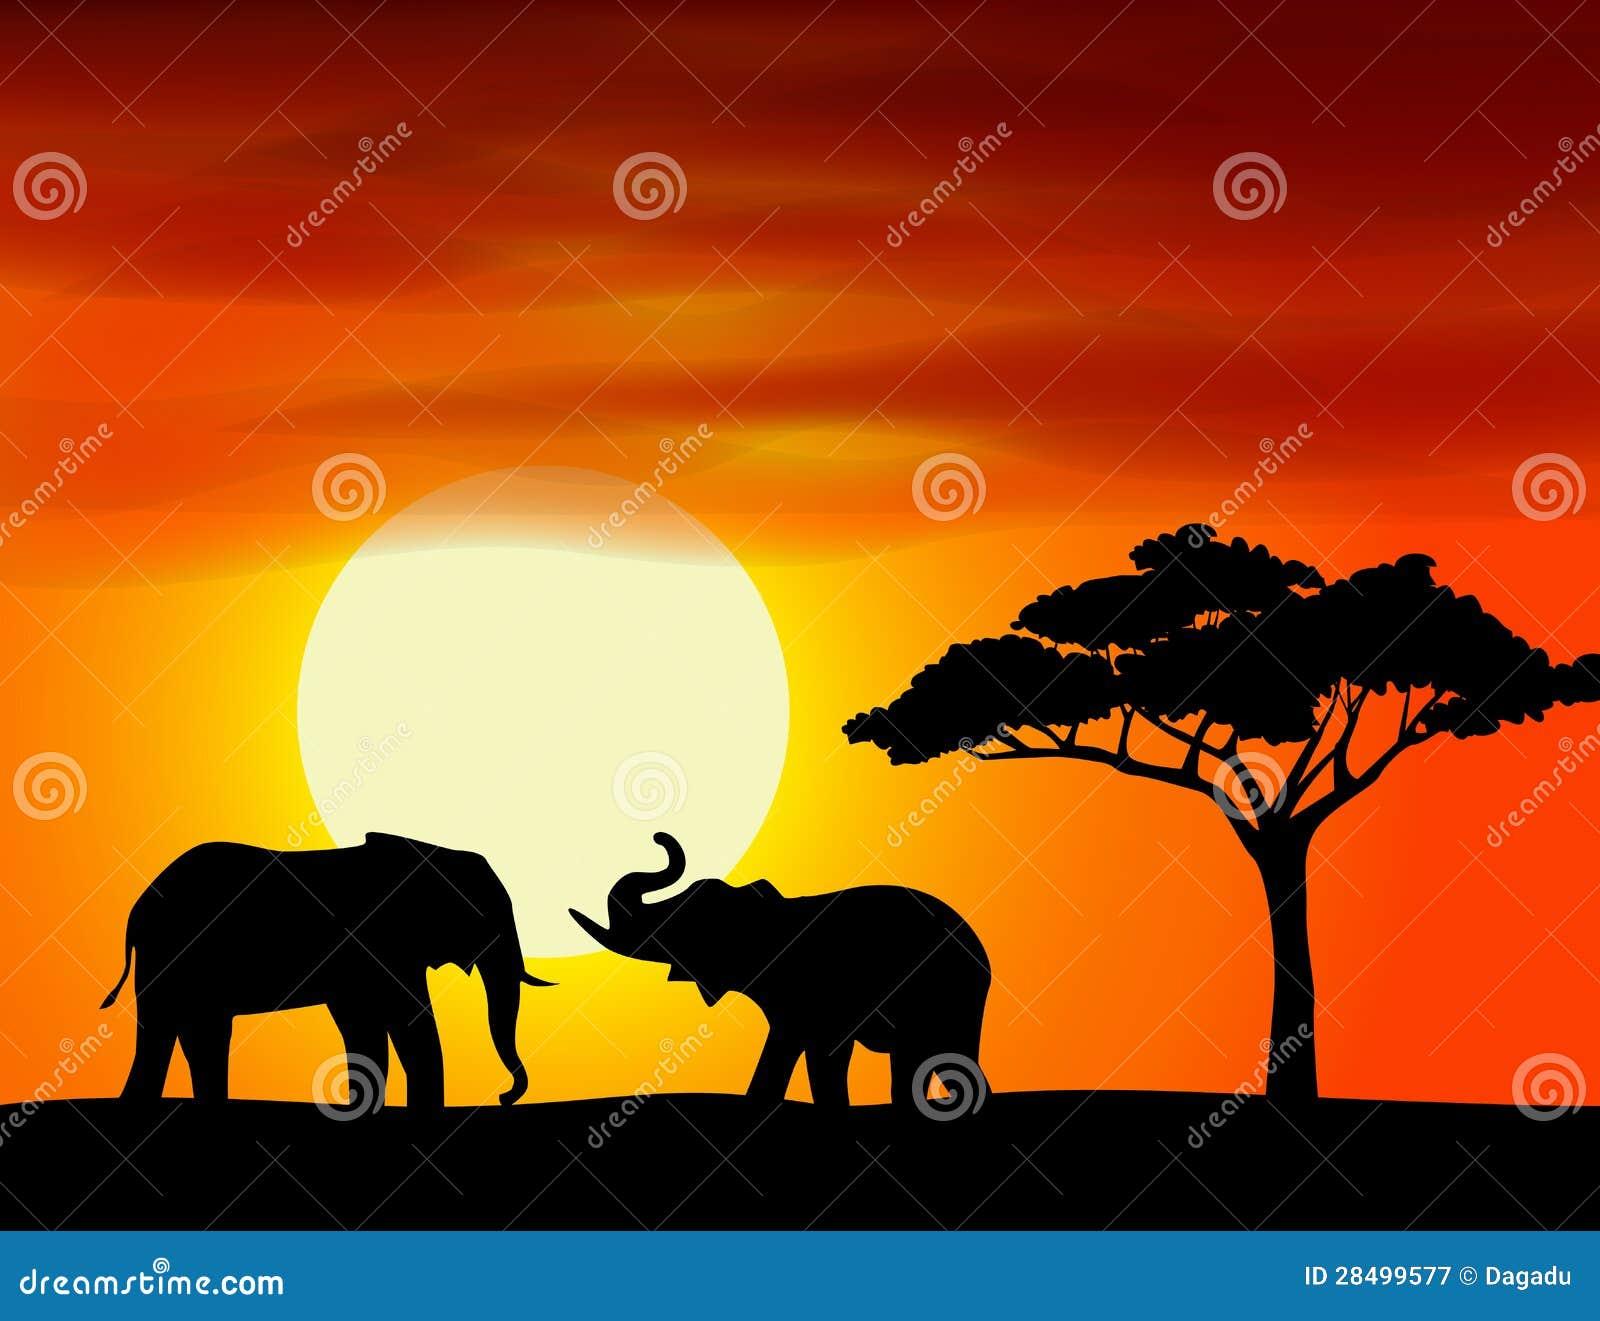 Fondo Del Paisaje De áfrica Con El Elefante Stock De Ilustración Ilustración De Salvaje Paisaje 28499577